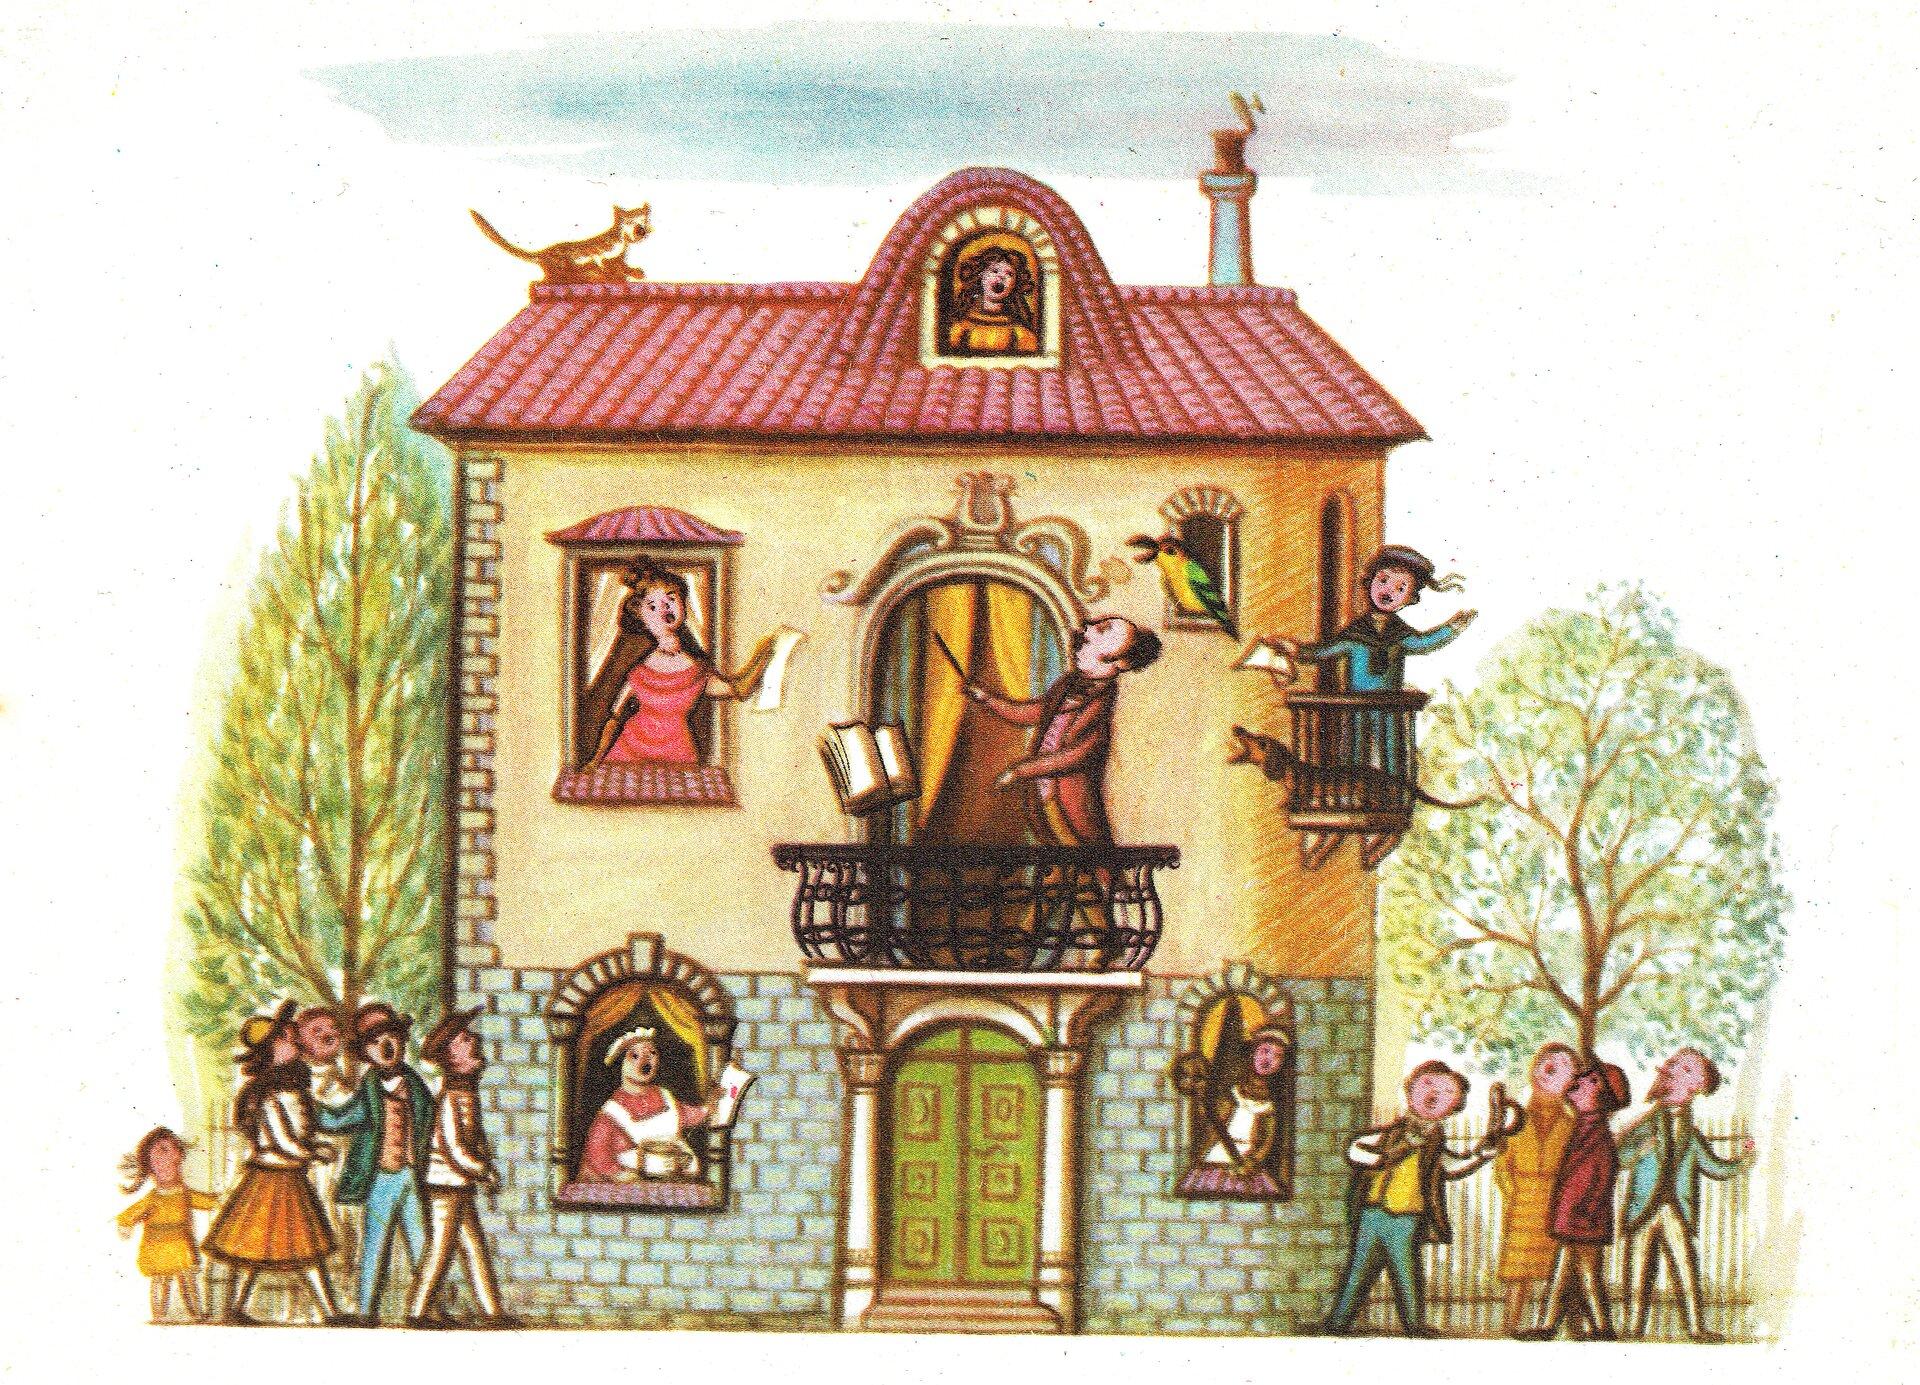 """Ilustracja przedstawia pracę Olgi Siemaszko zksiążki Juliana Tuwima """"Wiersze dla dzieci"""". Ukazuje duży dom, wktórego oknach ina balkonie znajdują się postacie. Wszyscy wykonują piosenkę. Dom jest dekorowany nad oknami, wejście zdobione jest kolumnami. Na czerwonym dachu siedzi kot. Po obu stronach domu przedstawione są osoby które również śpiewają. Przy domu stoi płot, za którym rosną drzewa."""